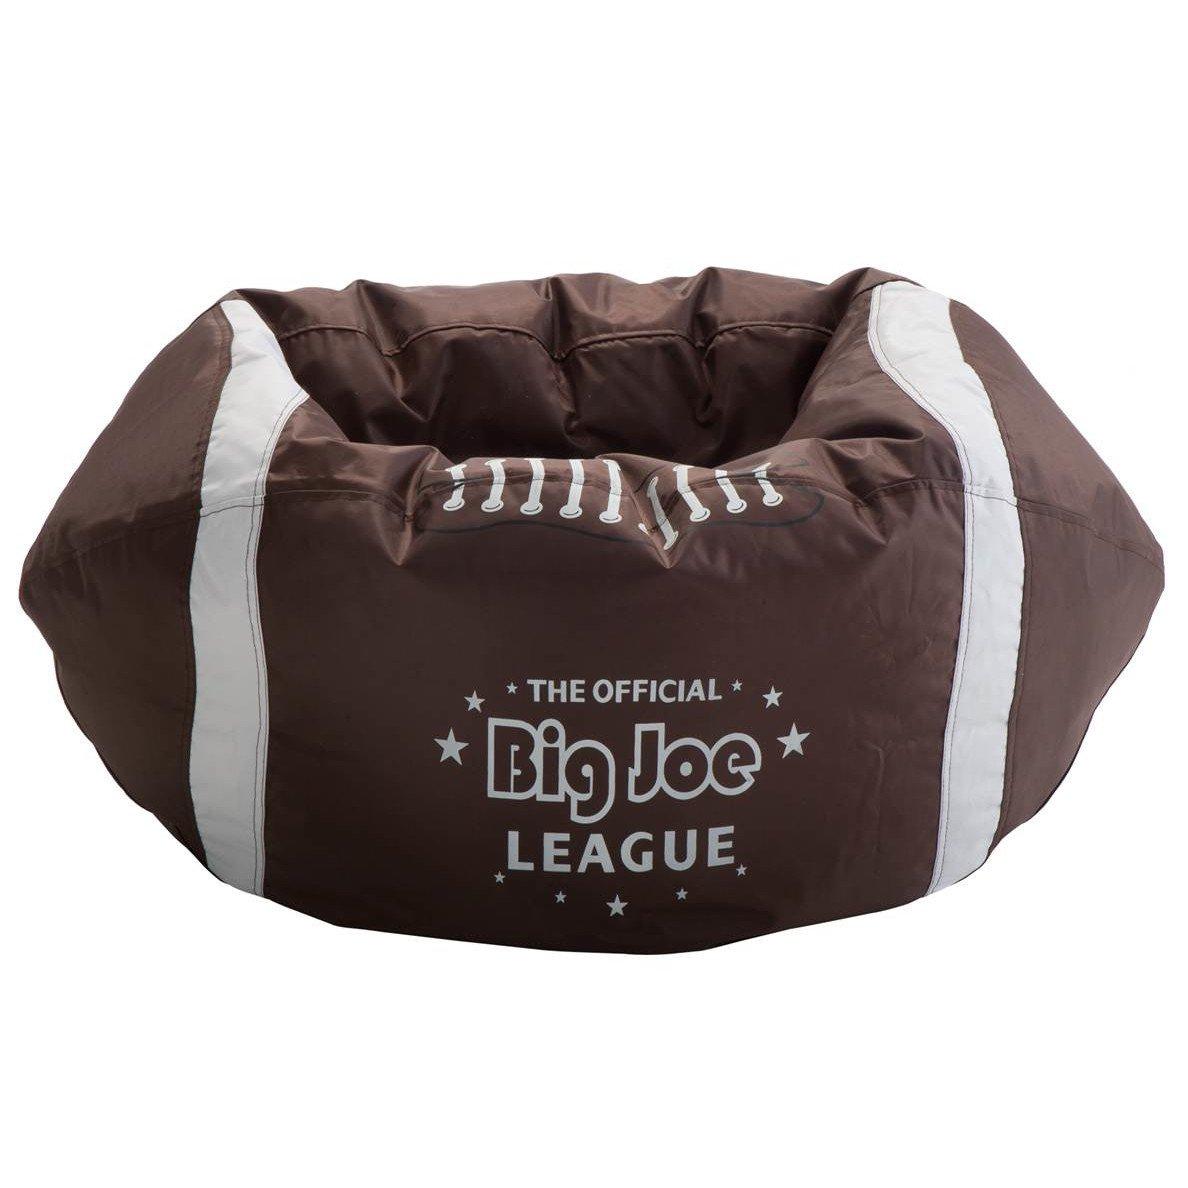 Comfort Research Big Joe Football Bean Bag Chair, kids bean bags